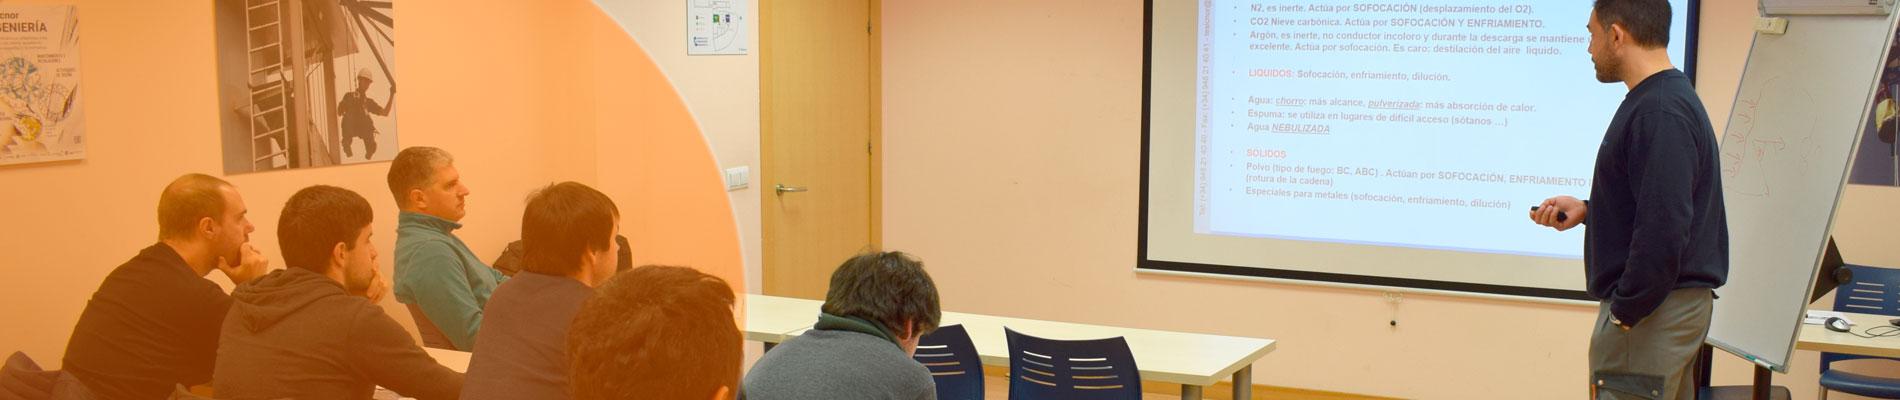 cursos_prl_generico